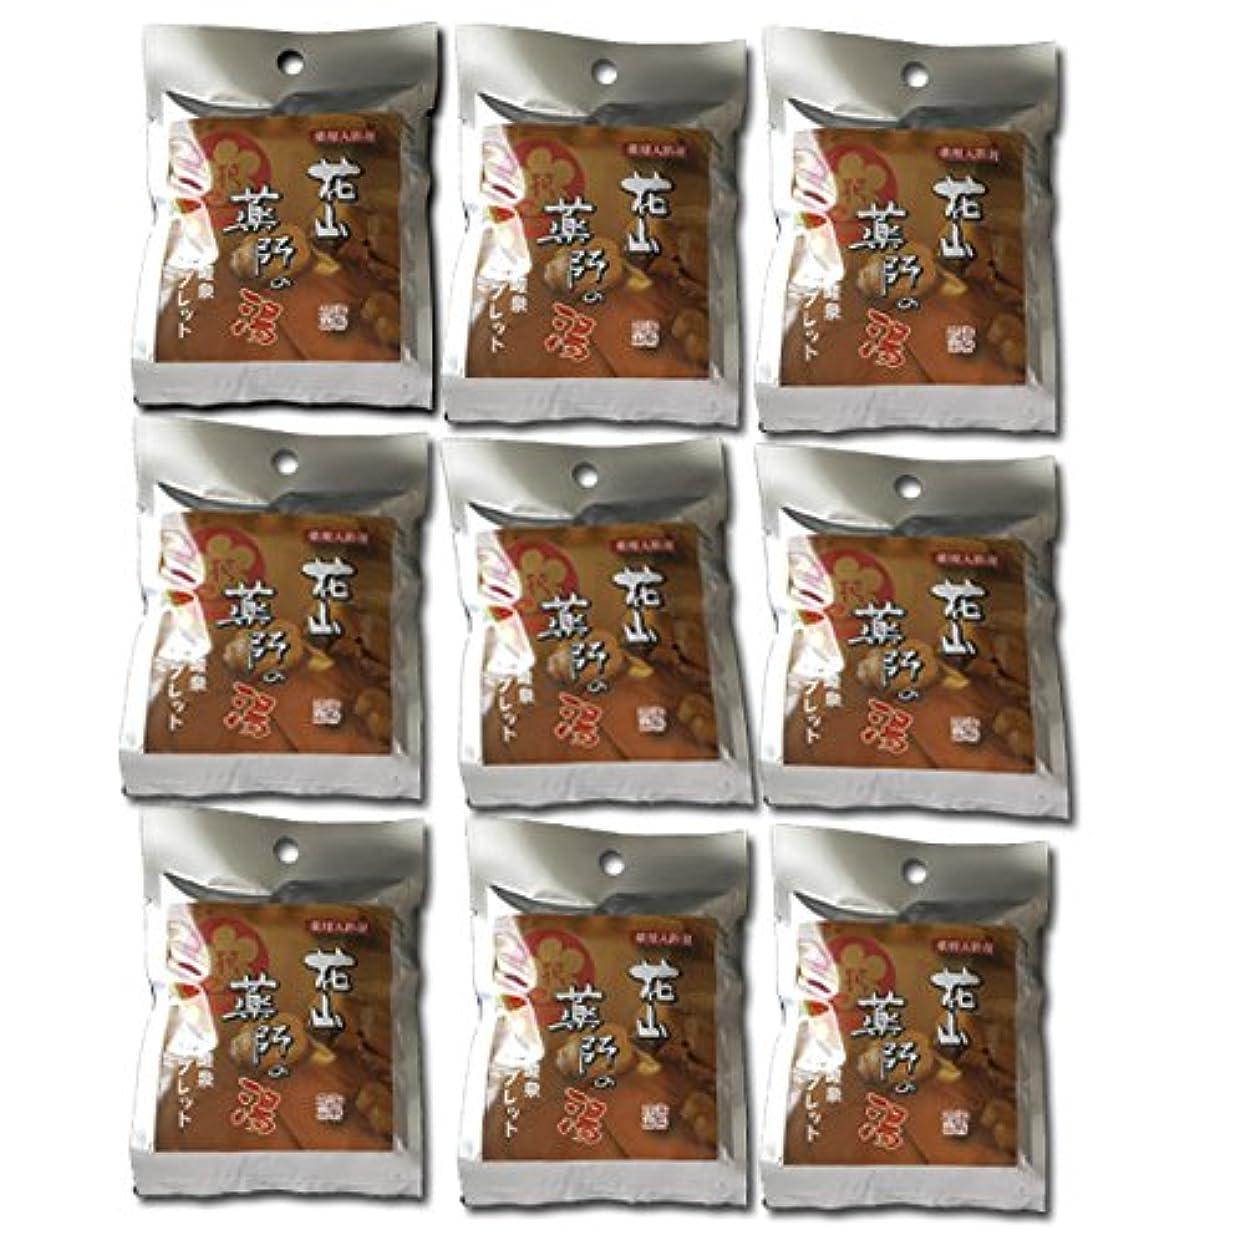 温かいシェルターアレンジ入浴剤 炭酸泉 和歌山 花山温泉の温泉分析値を元に配合して作られたタブレット9個 薬用